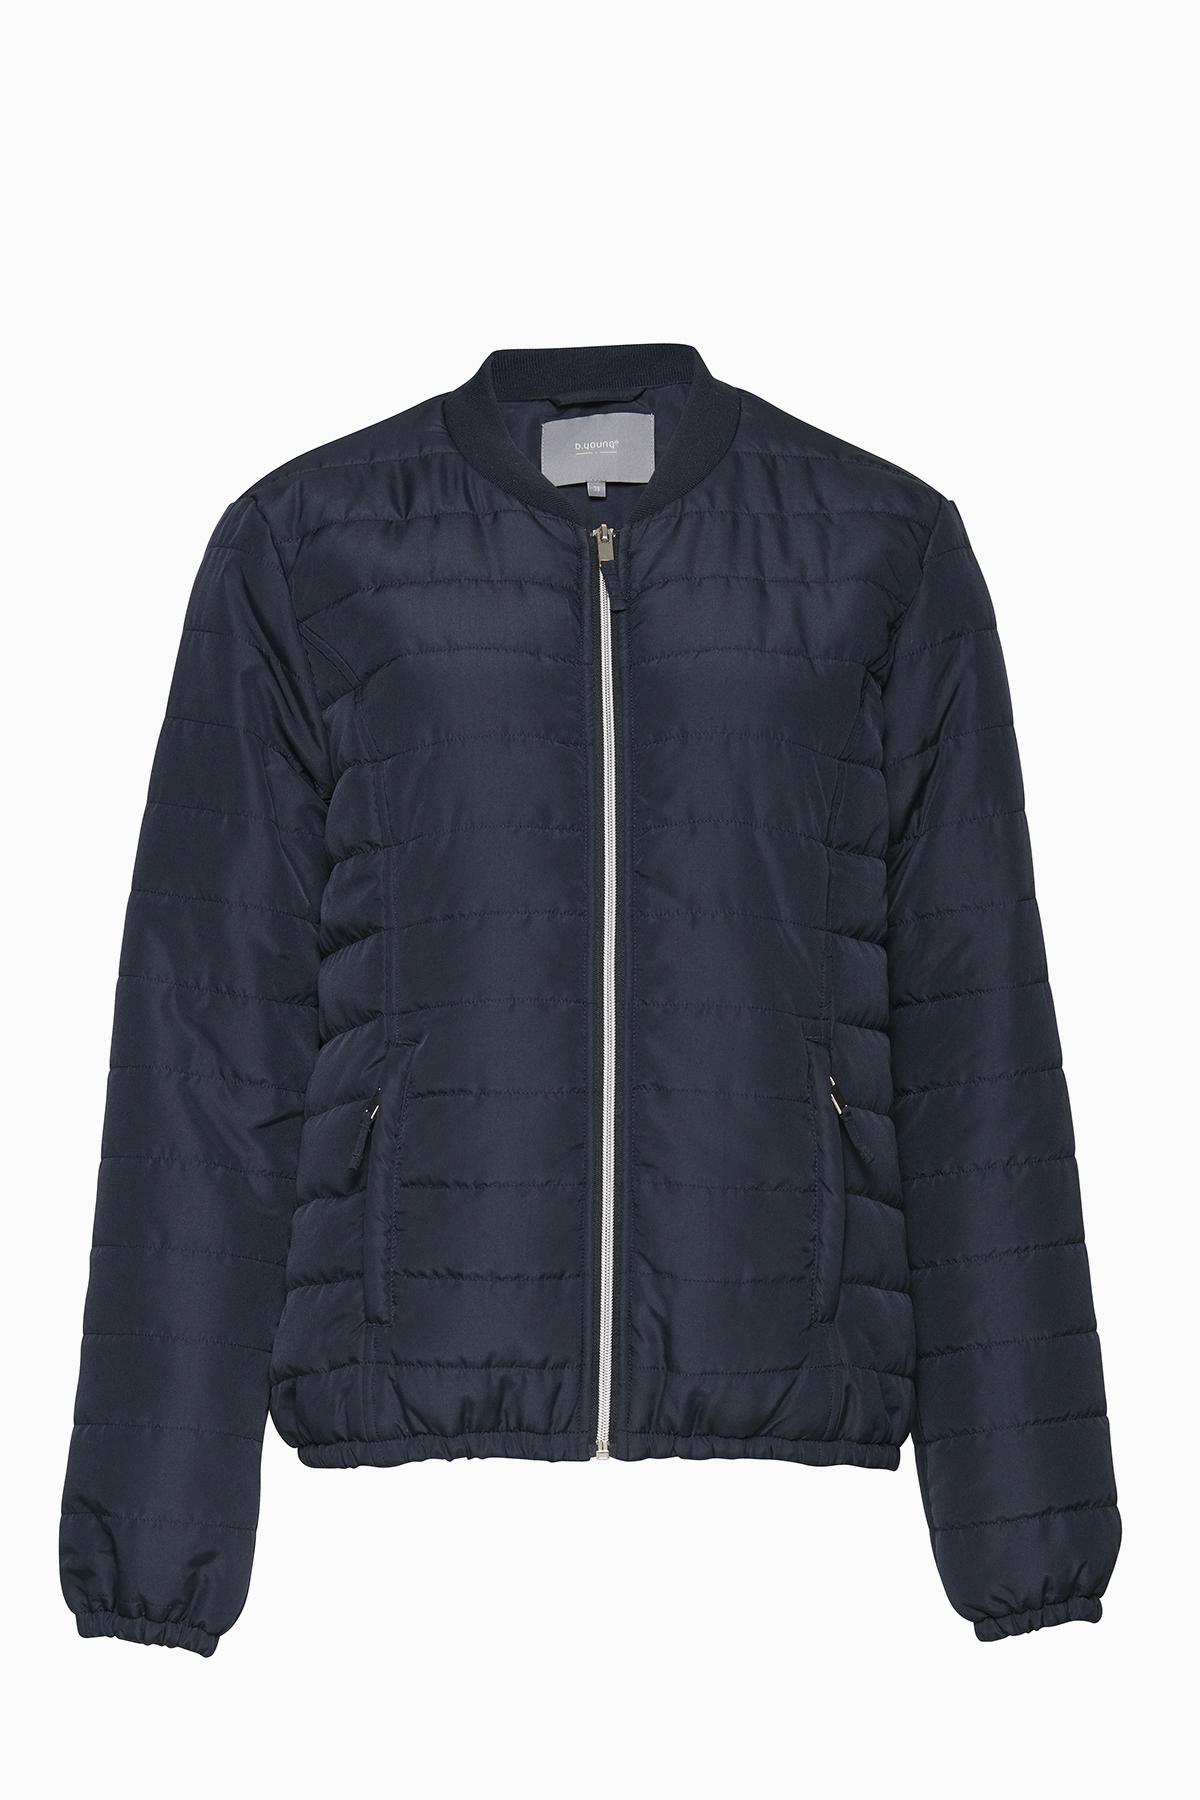 Marineblå Frakke fra b.young – Køb Marineblå Frakke fra str. 34-46 her